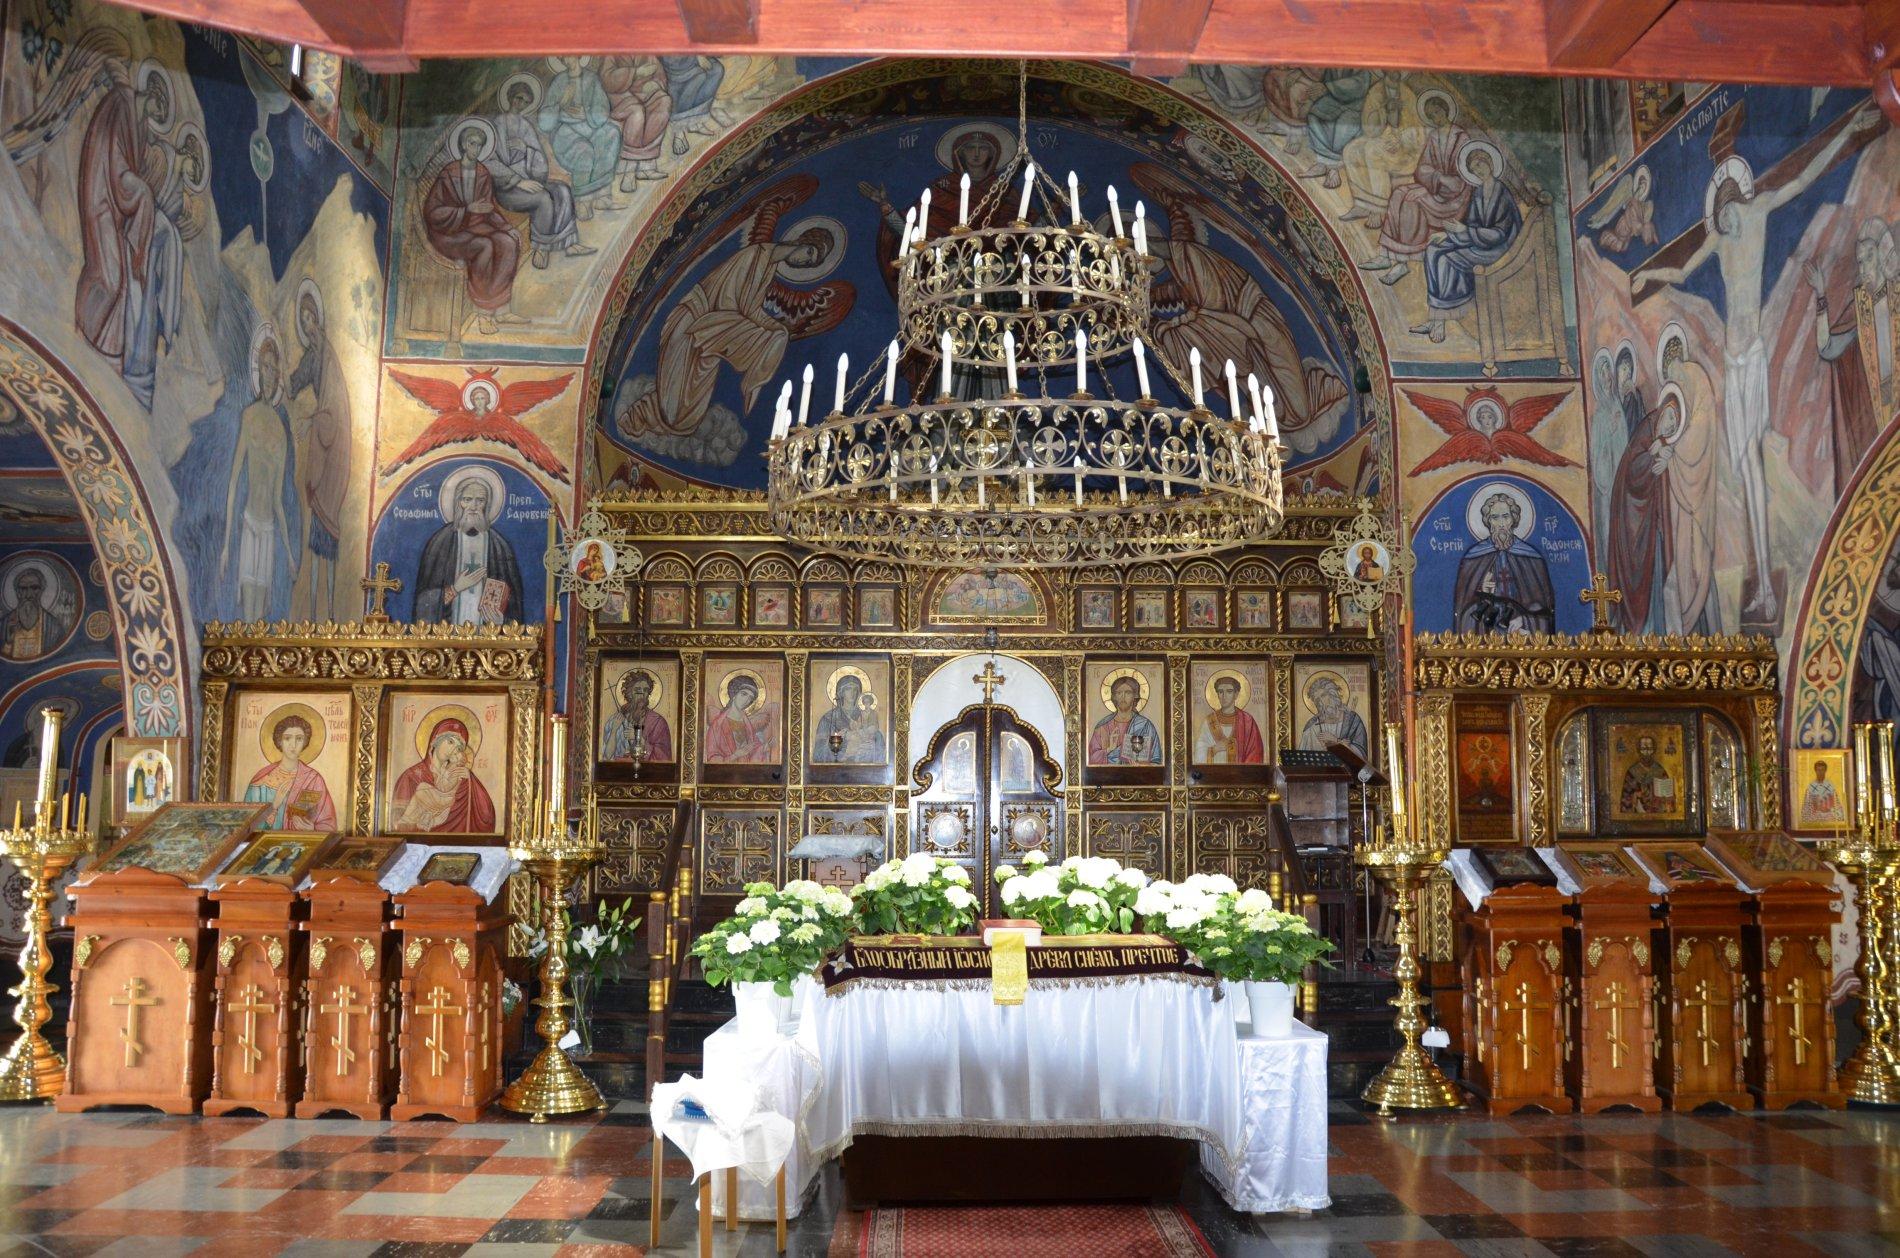 Russisch Orthodoxe Kirche1 Seitengang innen Osteraltar